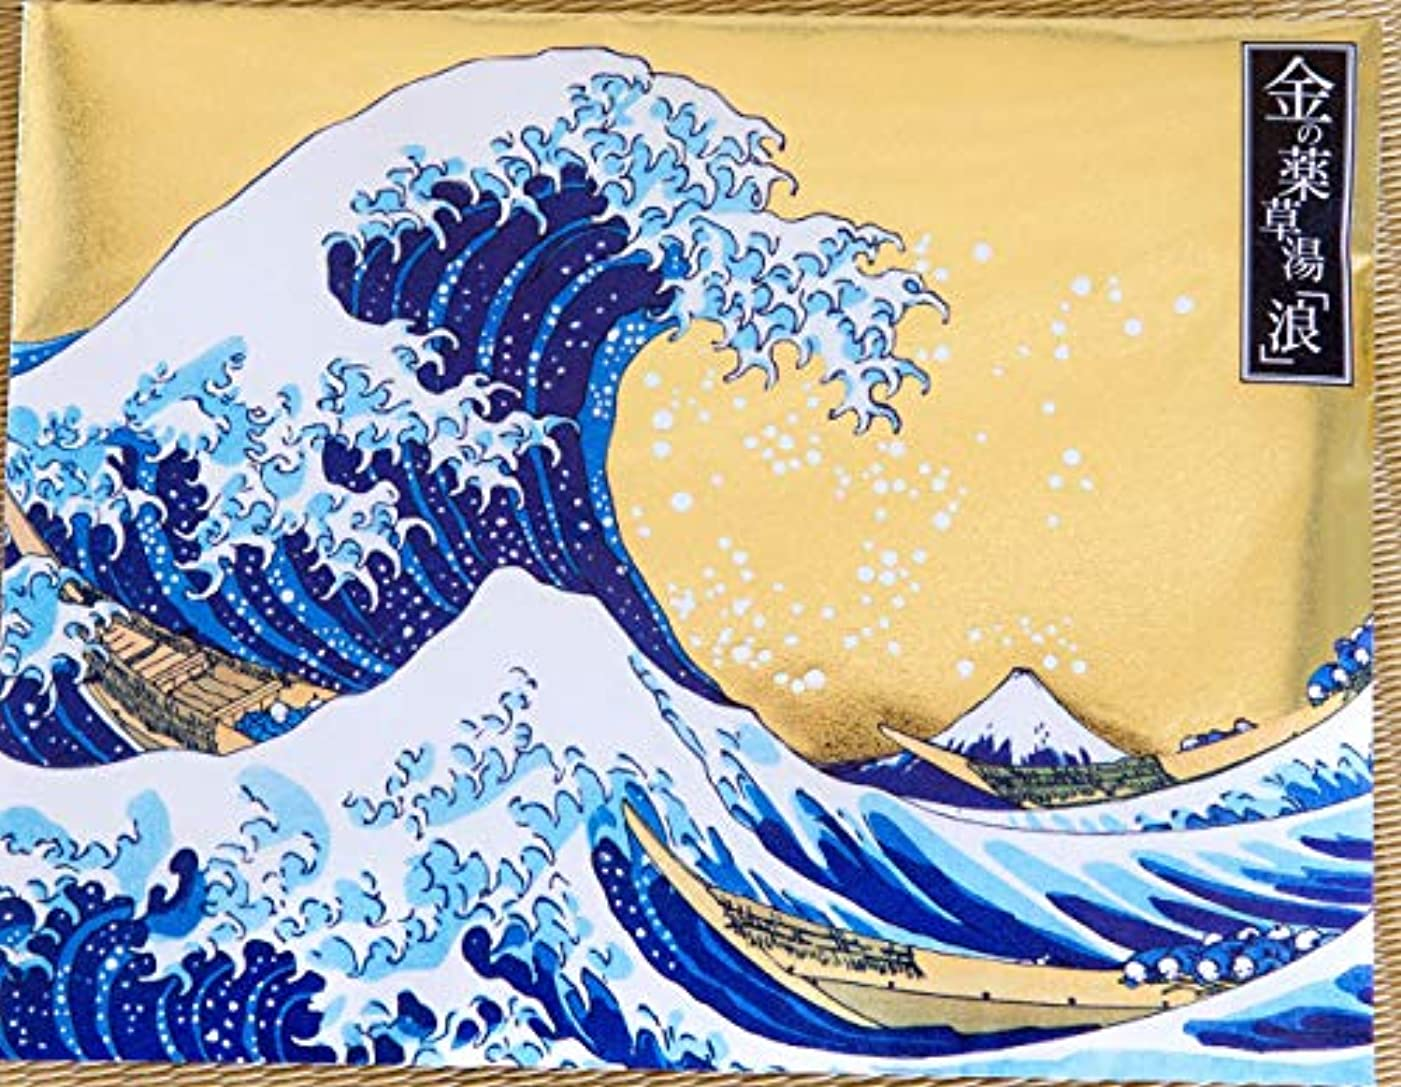 植物の比類のない空洞金の薬草湯「浪」 神奈川沖浪裏(富嶽三十六景)